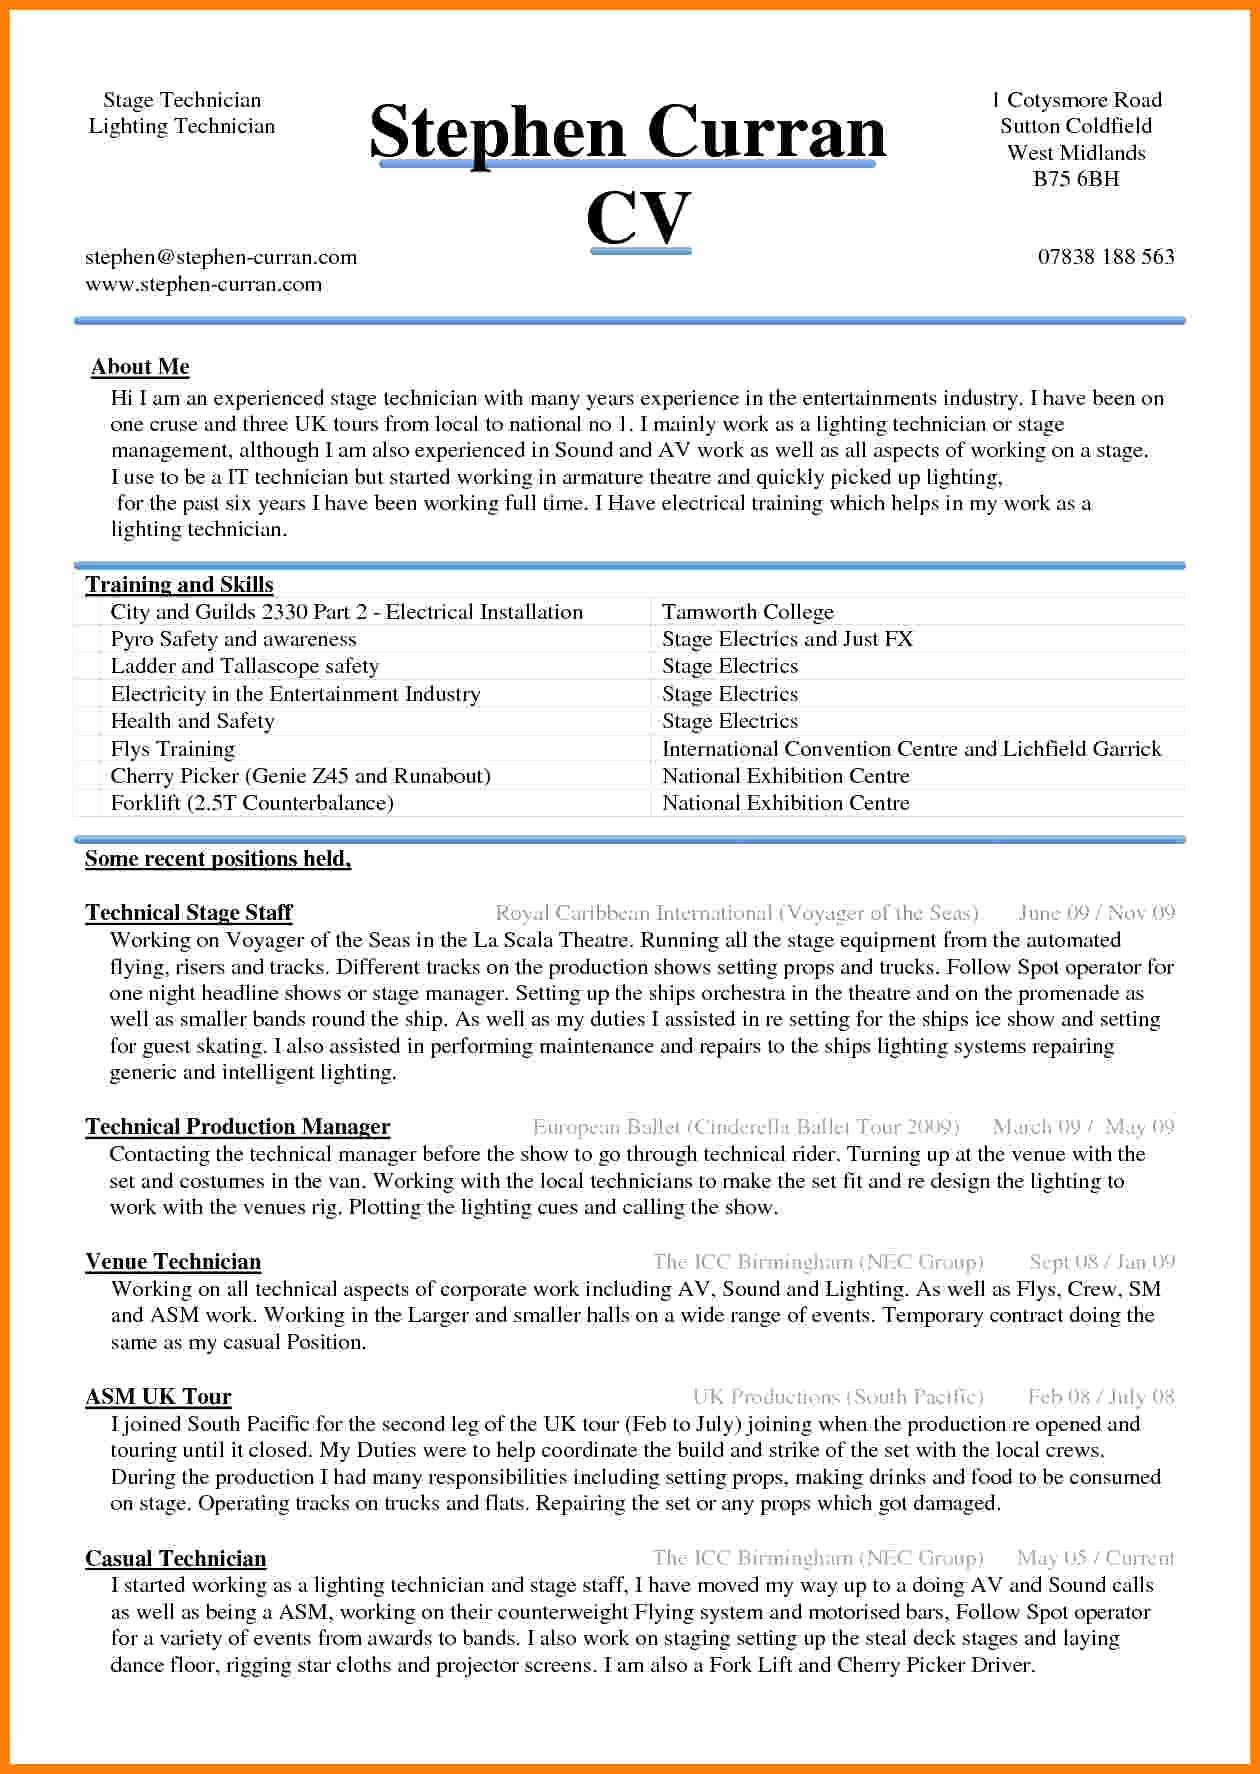 Sample Resume In Word format Luxury 5 Cv Sample Word Document